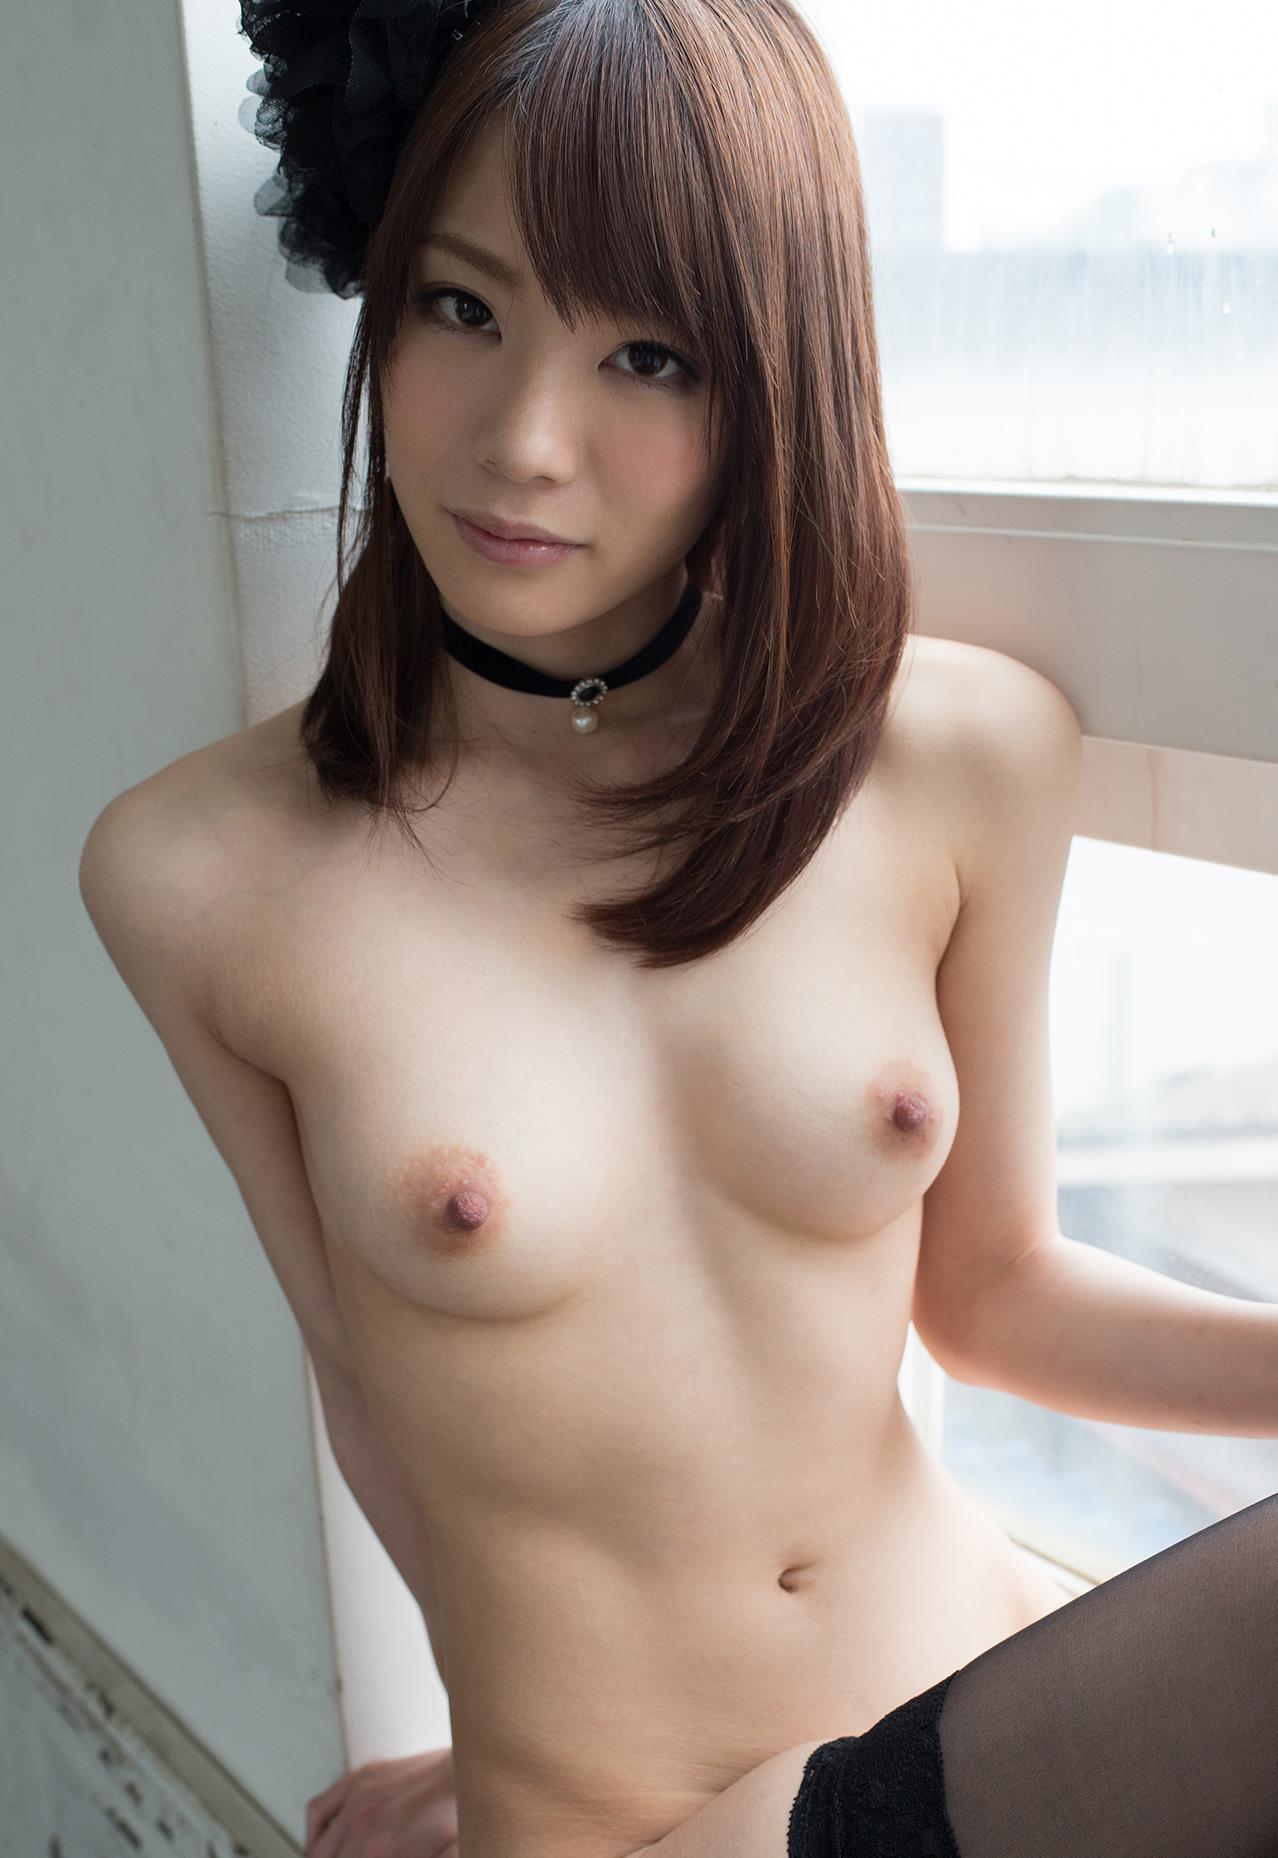 鈴村あいり 画像 72